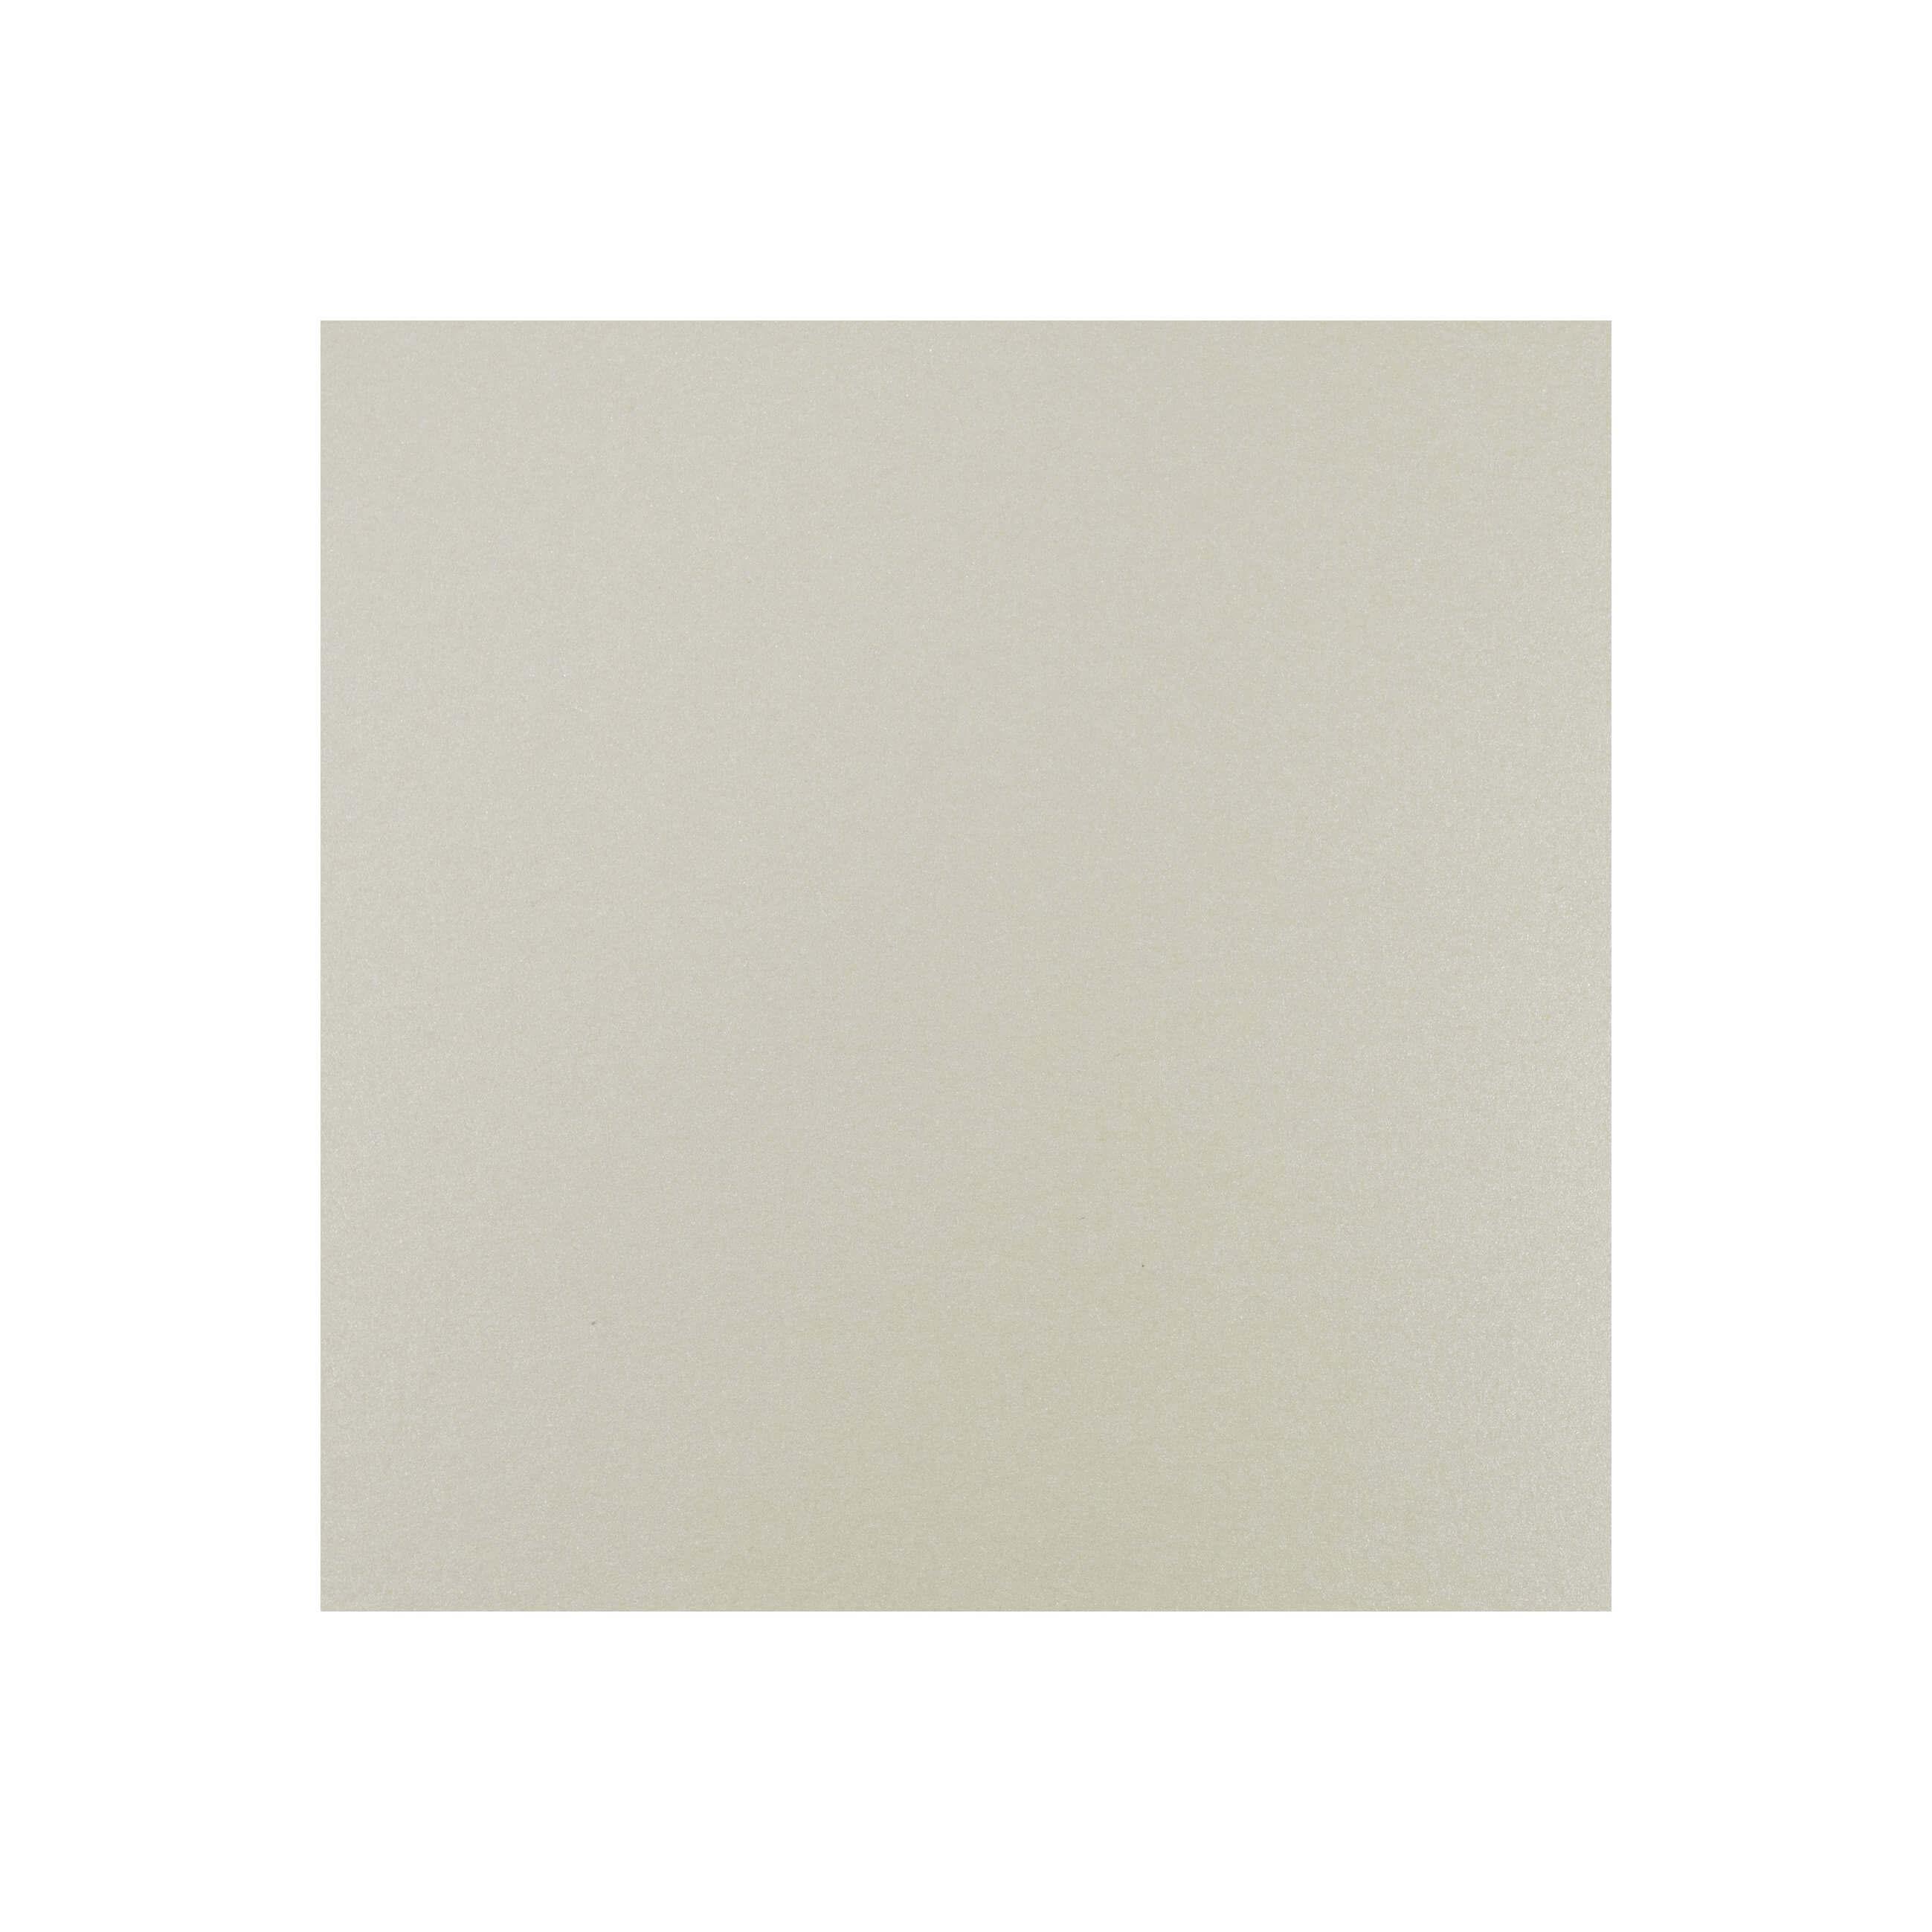 Cardstock 147mm Square - Vintage Ivory